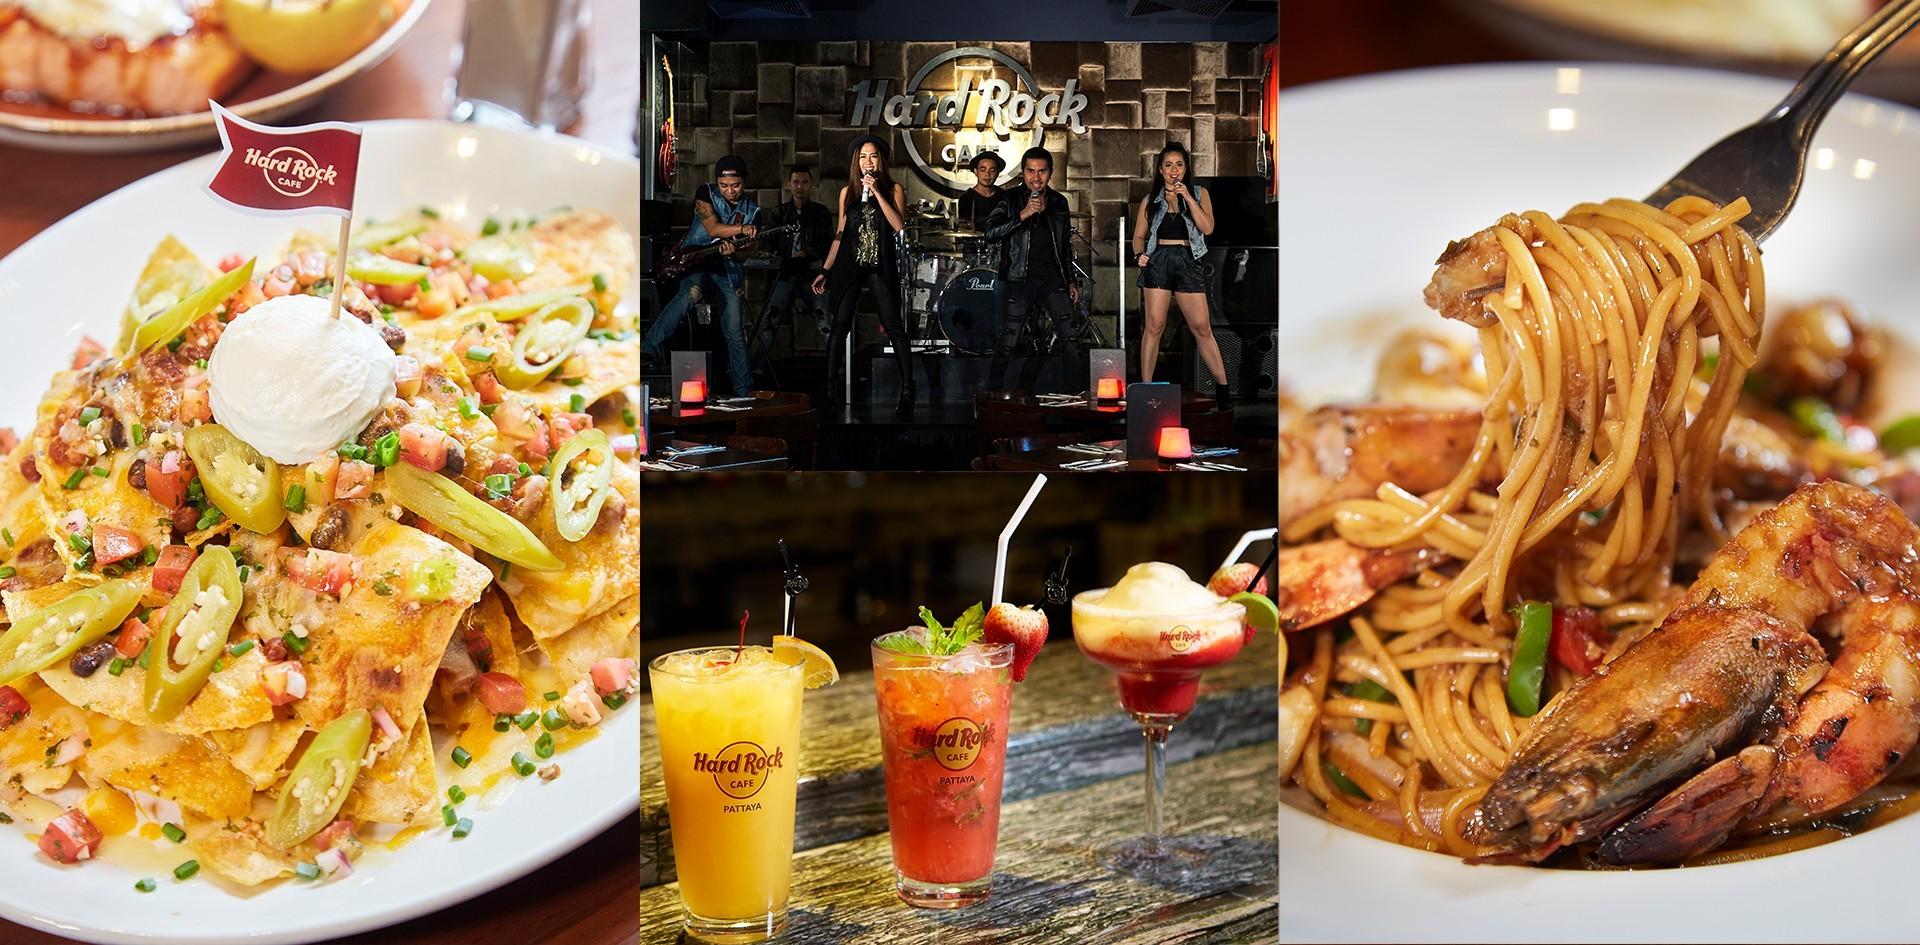 ระเบิดความมันส์กับอาหารอเมริกันและดนตรีสุดโดน ที่ Hard Rock Cafe พัทยา